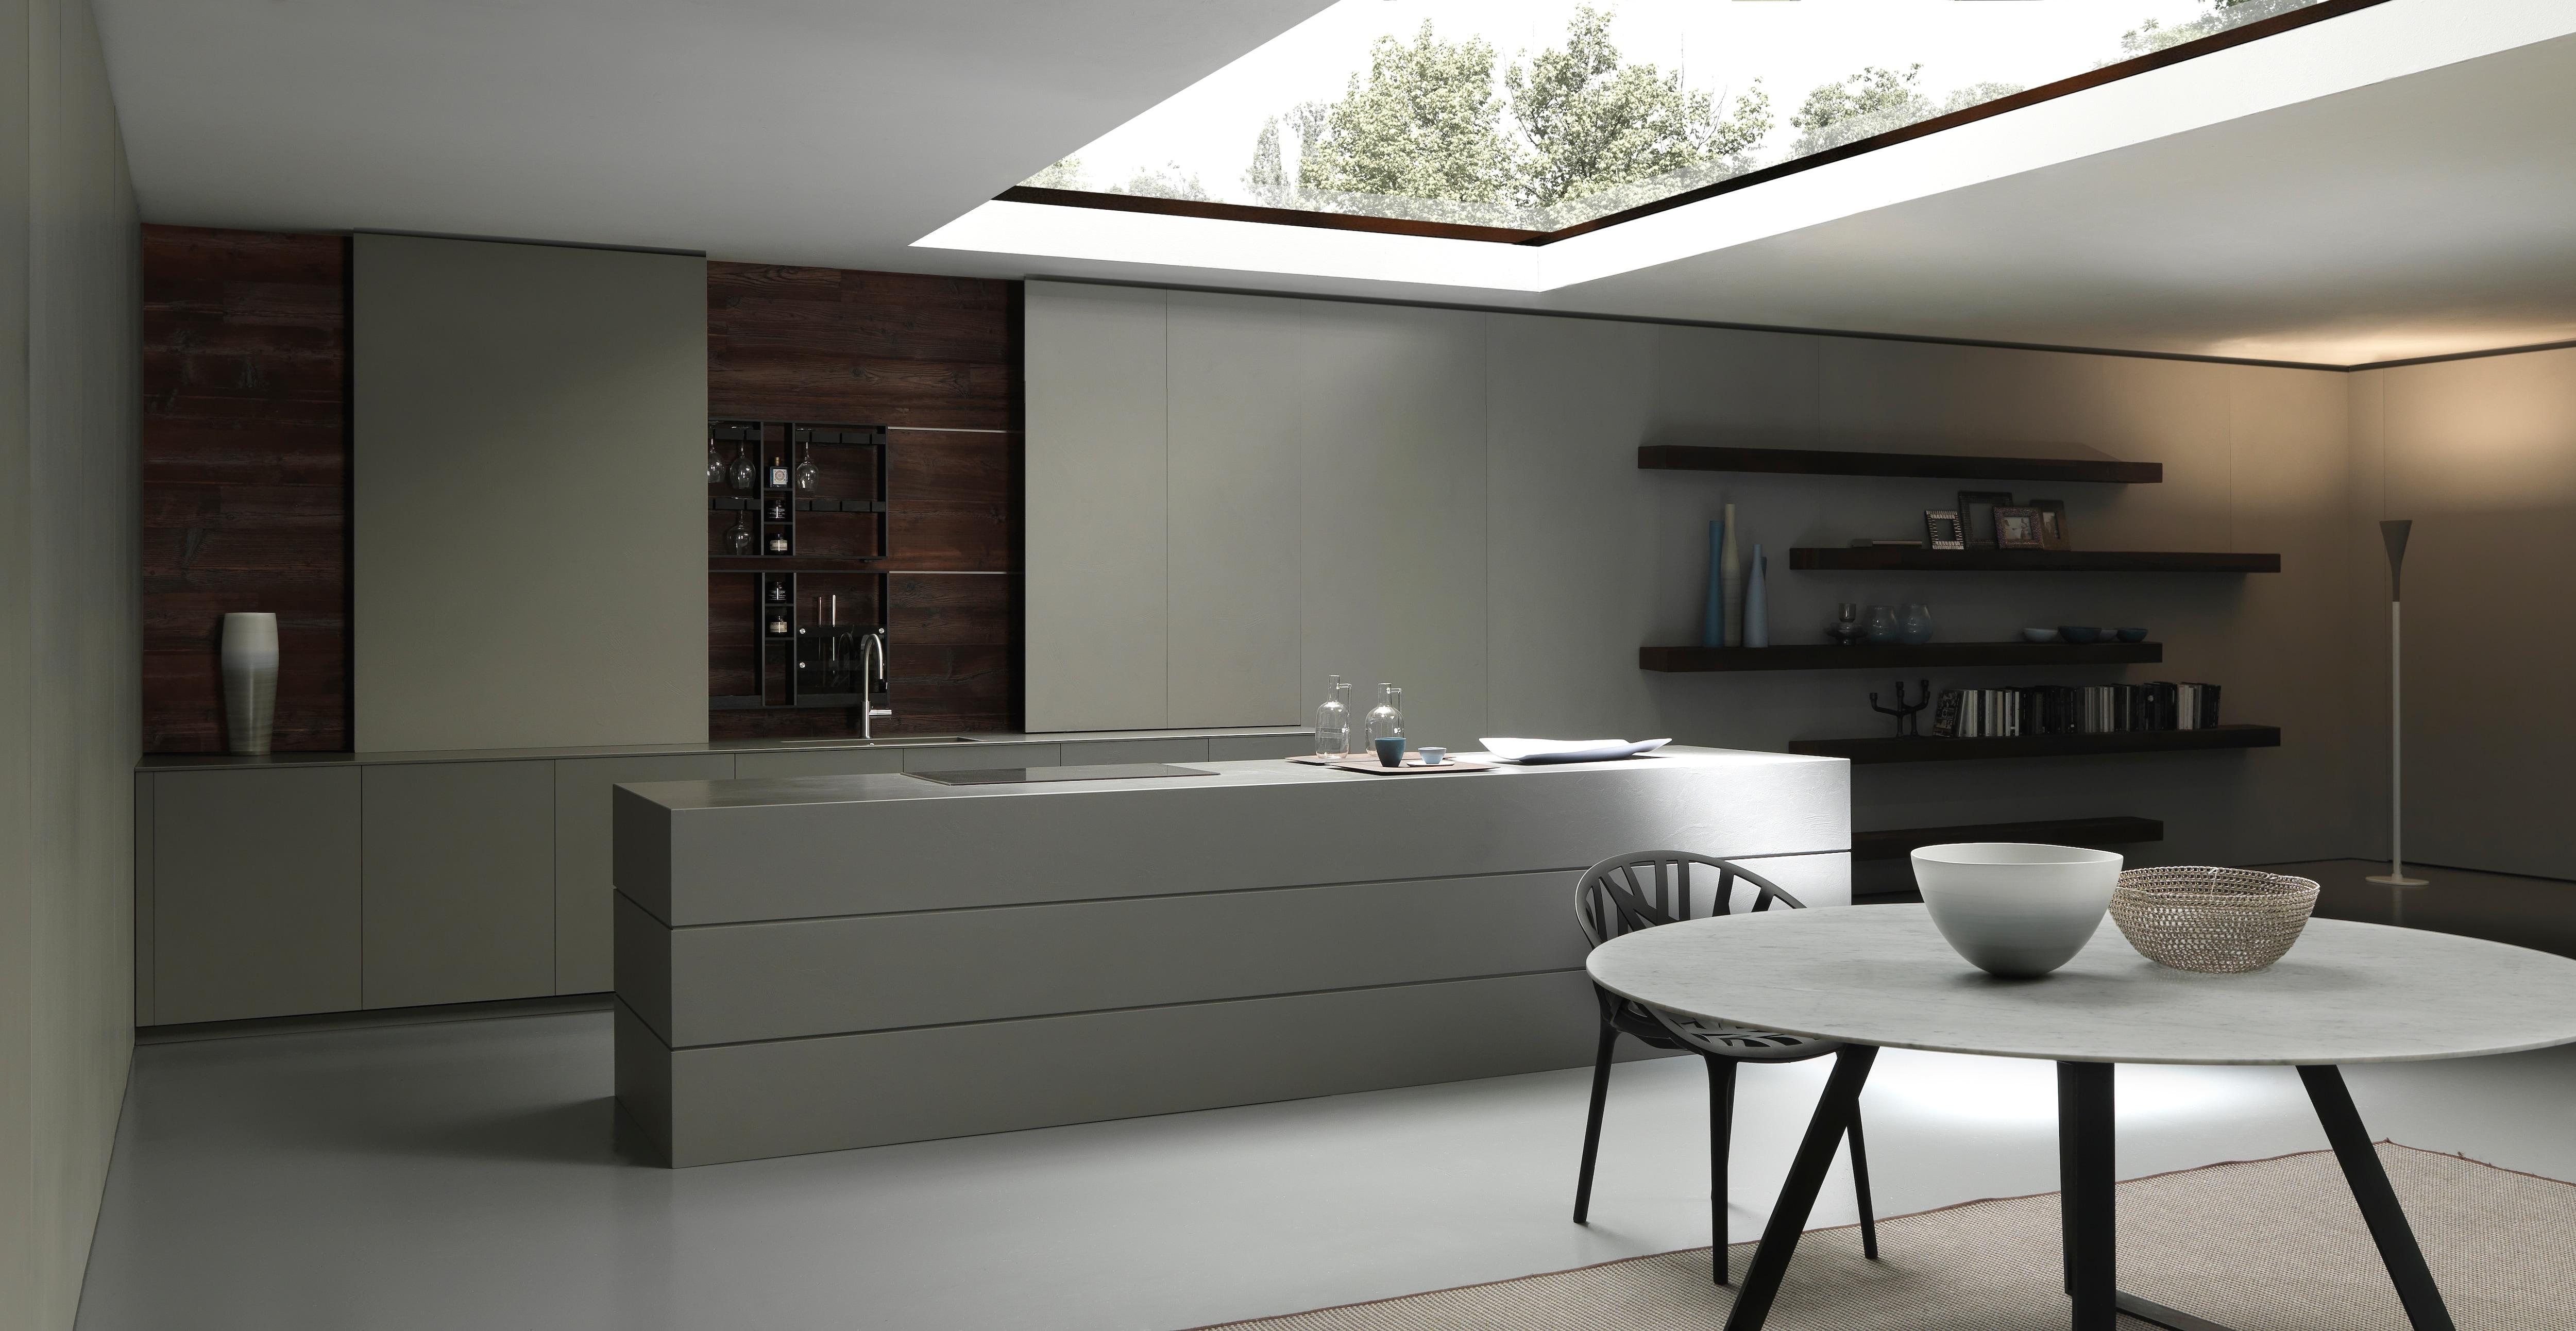 Beautiful Cucina Modulnova Prezzi Ideas - Ideas & Design 2017 ...